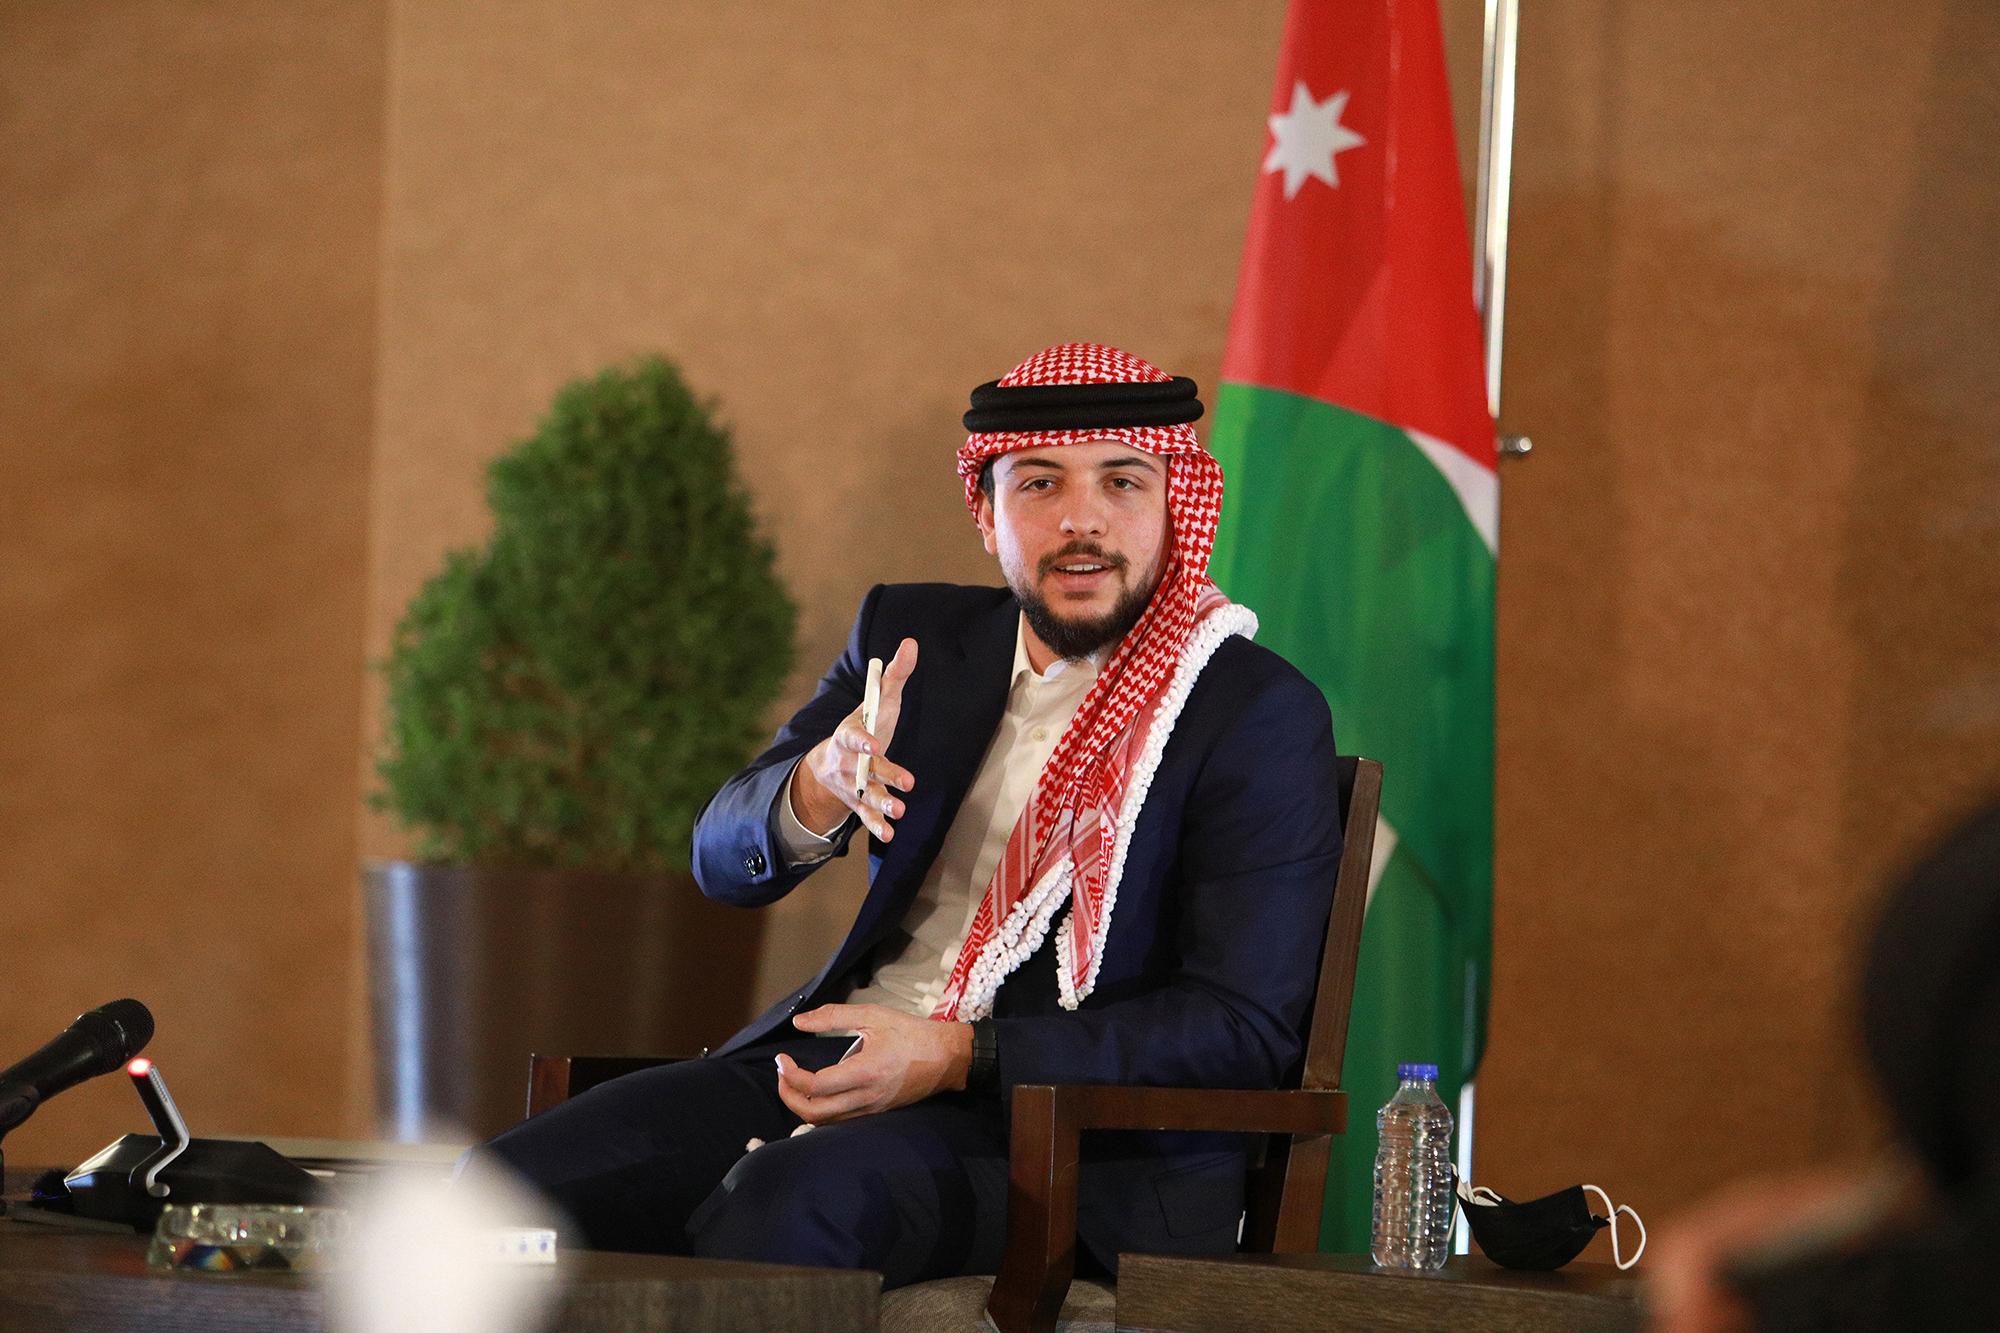 #حمى_الله_الحسين ..  آلاف الأردنيين يتفاعلون مع إصابة الأمير